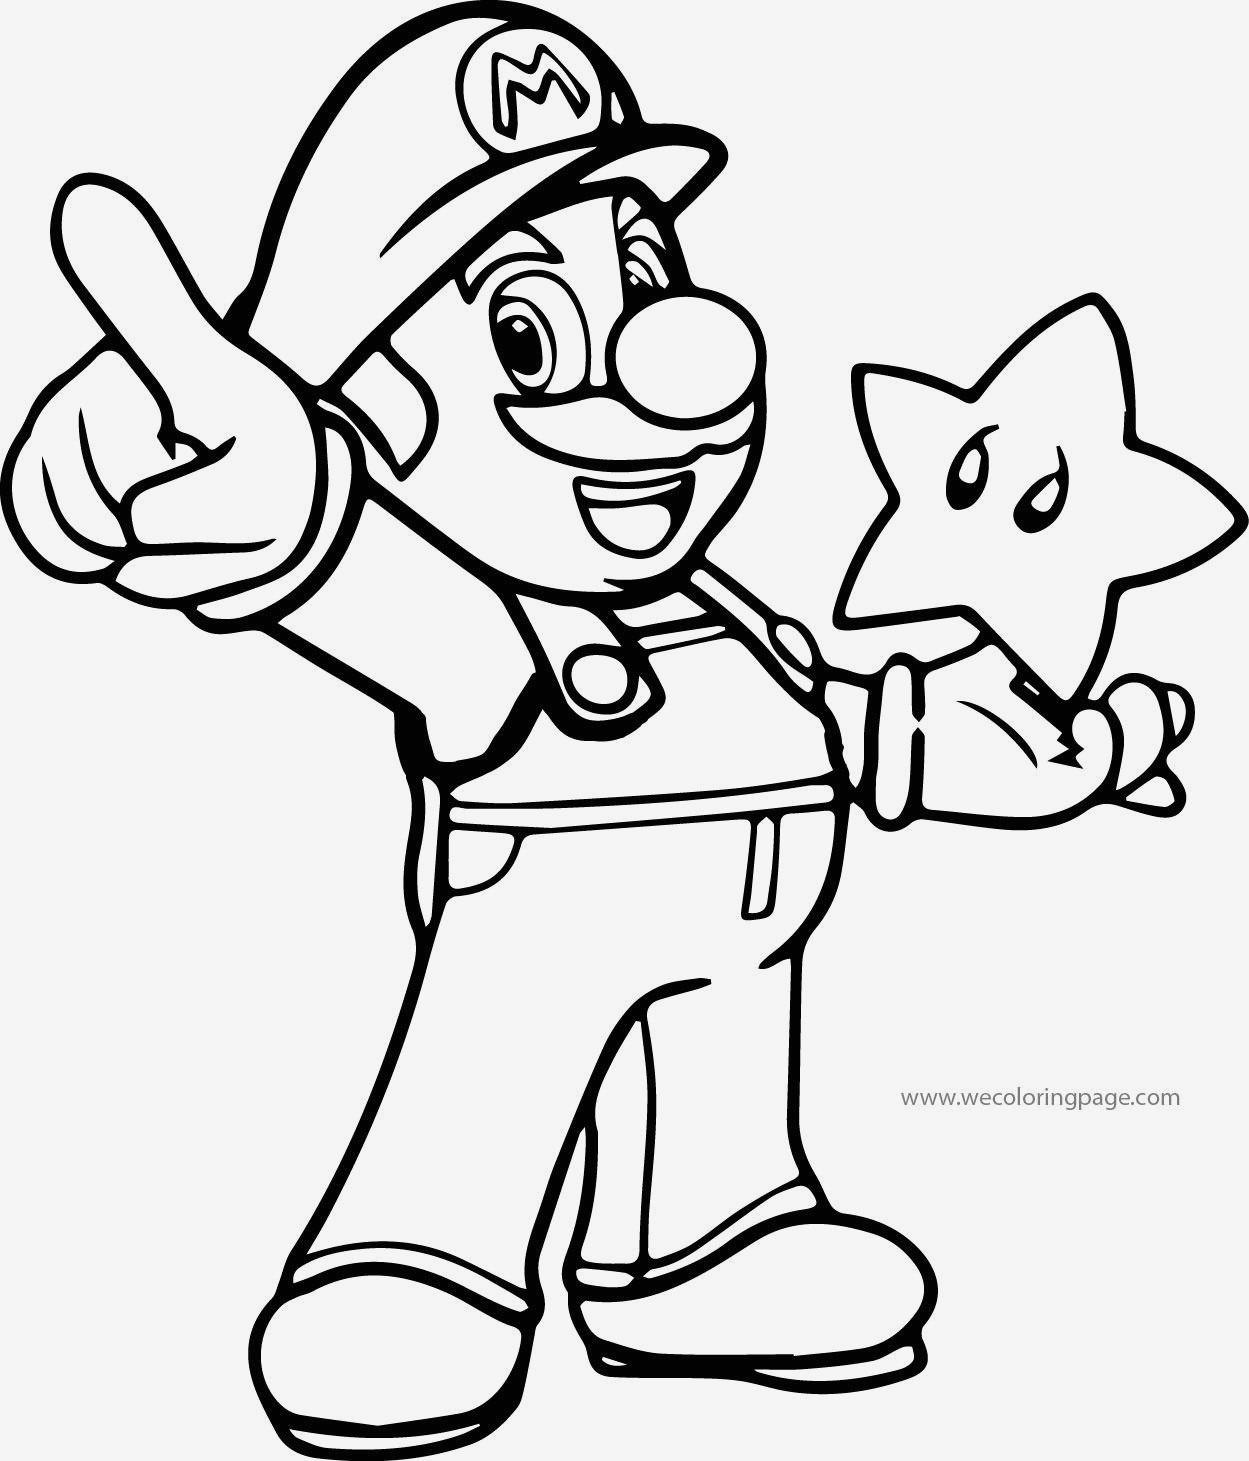 Super Mario Malvorlagen Einzigartig Spannende Coloring Bilder Super Mario Malvorlagen Das Bild